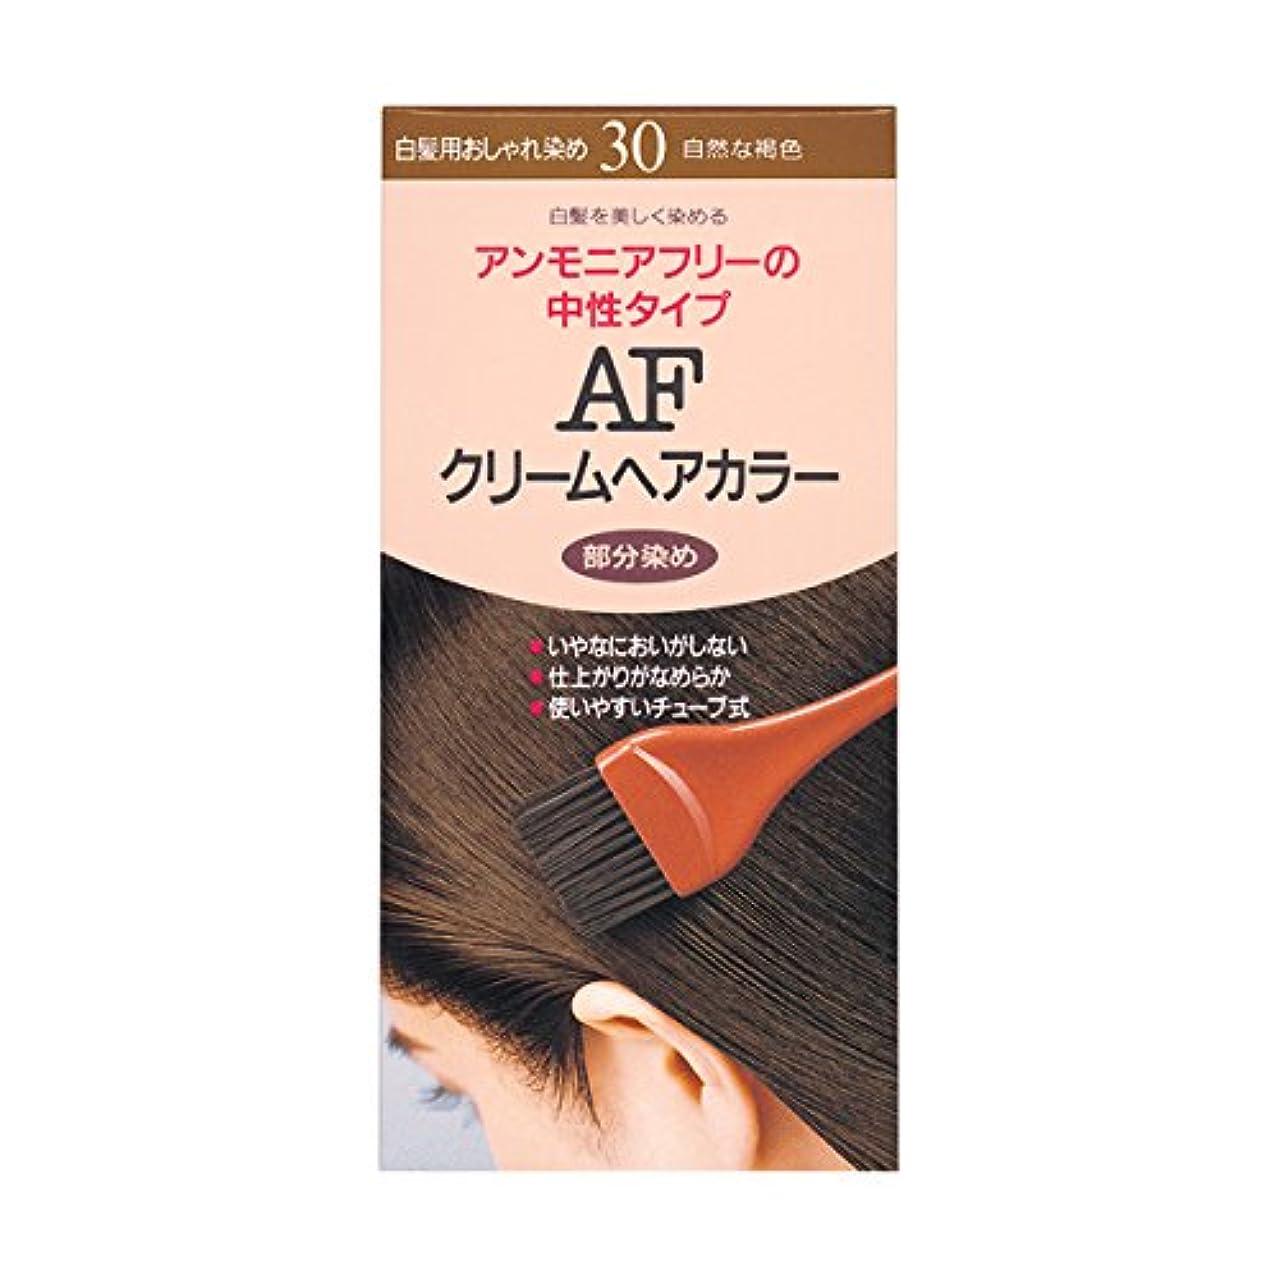 ベーコンサイクルバングヘアカラー AFクリームヘアカラー 30 【医薬部外品】